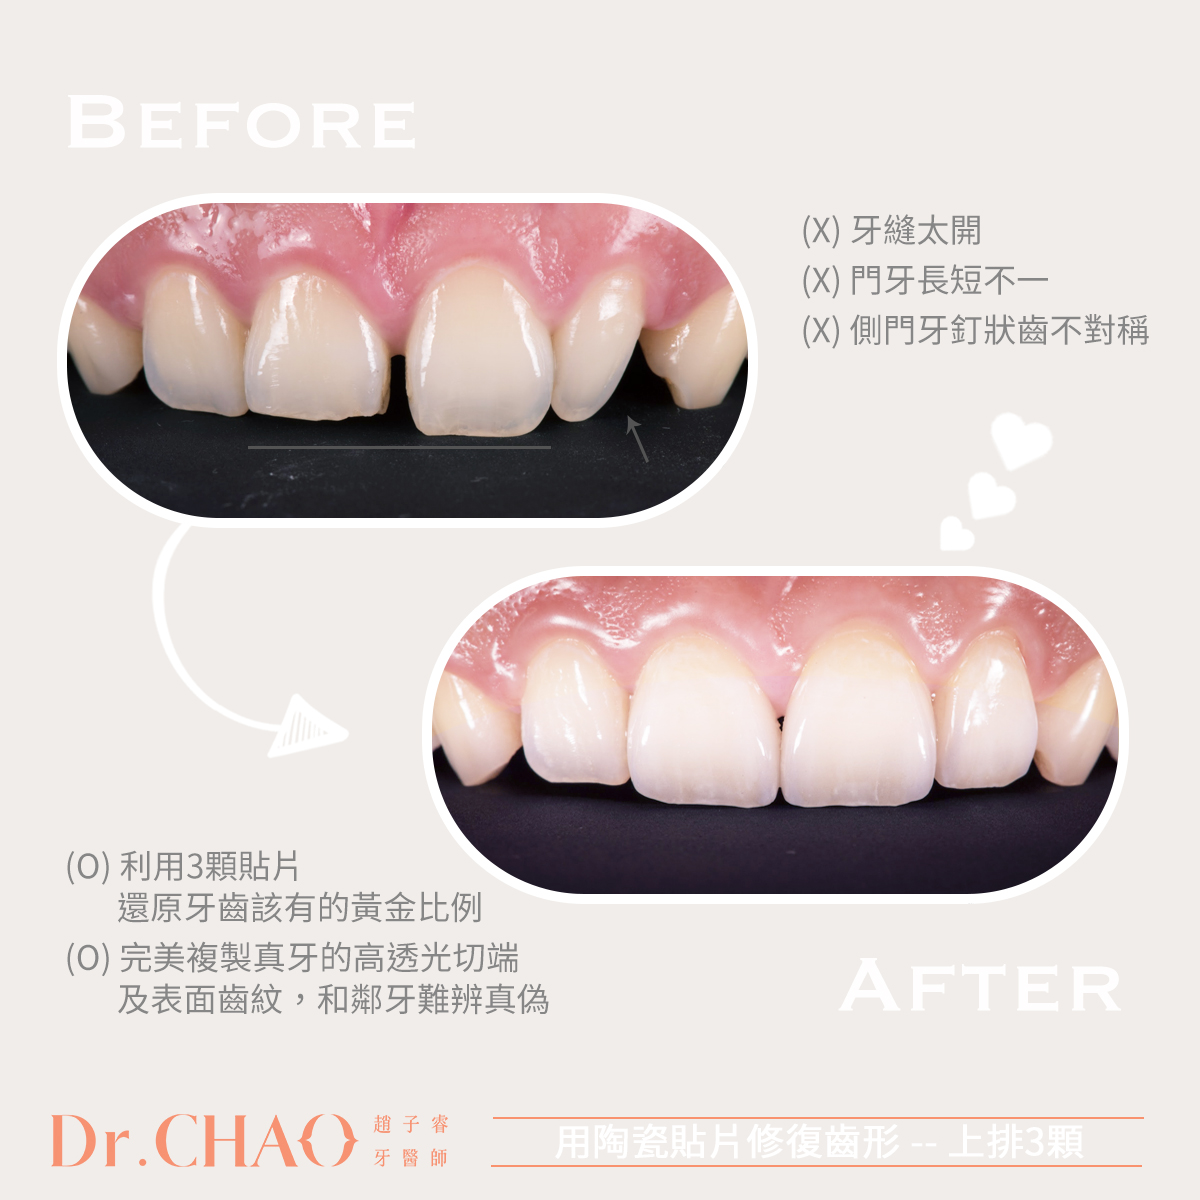 趙子睿醫師利用上排3顆仿生等級陶瓷貼片,幫病人關牙縫、還原牙齒該有的黃金比例自然形態,改善原來門牙長短不一、排列不整等問題。